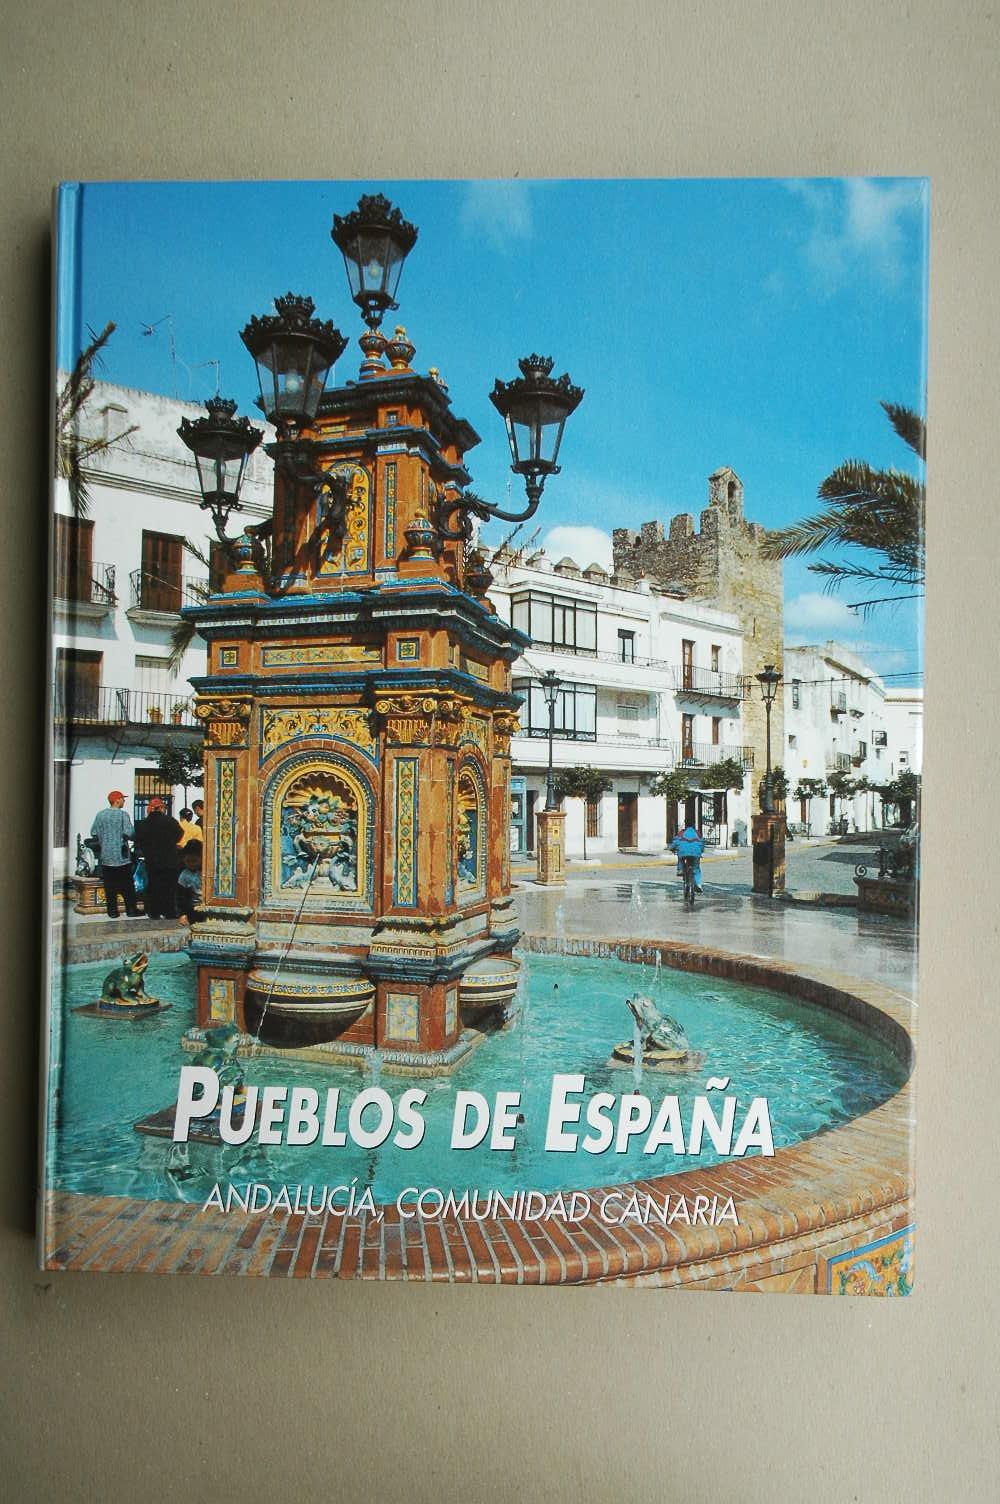 Pueblos de España: 6: Amazon.es: AUTORES VARIOS: Libros